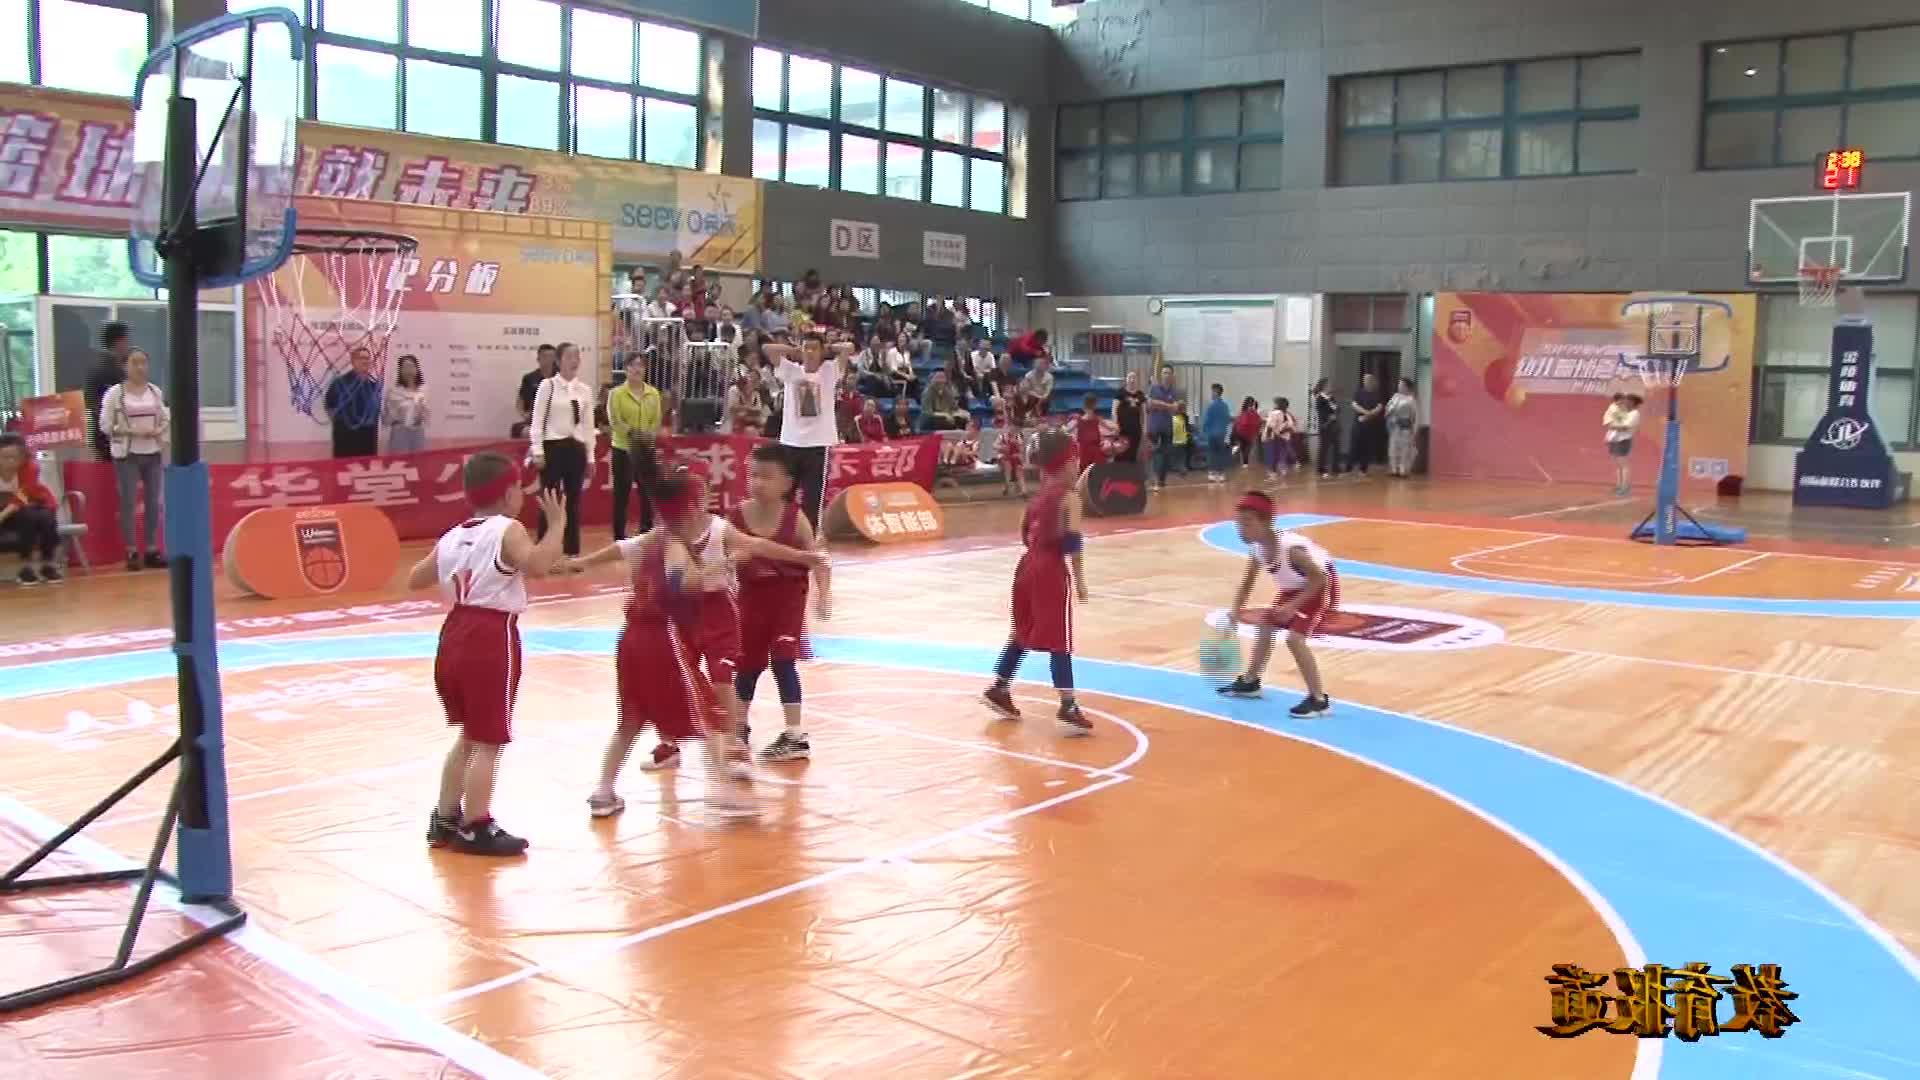 萌娃篮球赛 欢乐乐翻天